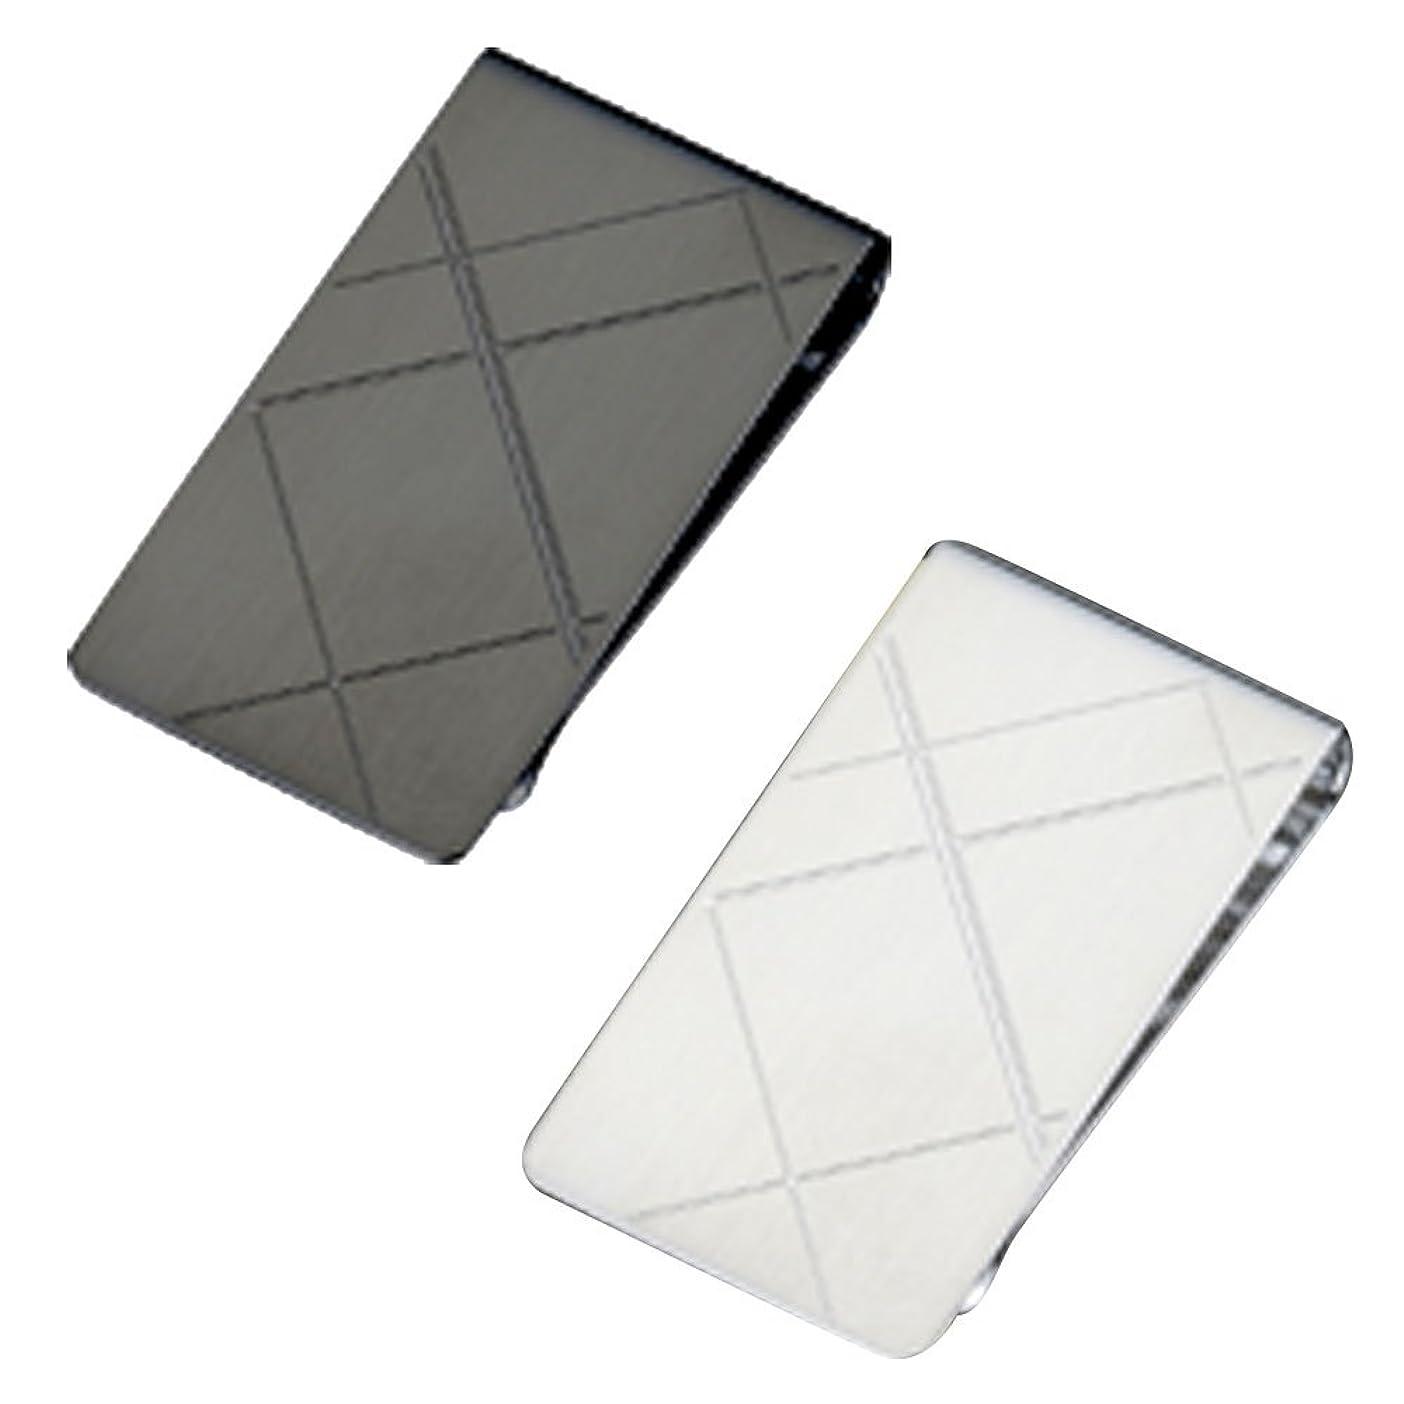 弾丸電子レンジ石のマネークリップ 財布 メンズ オール Made in Japan